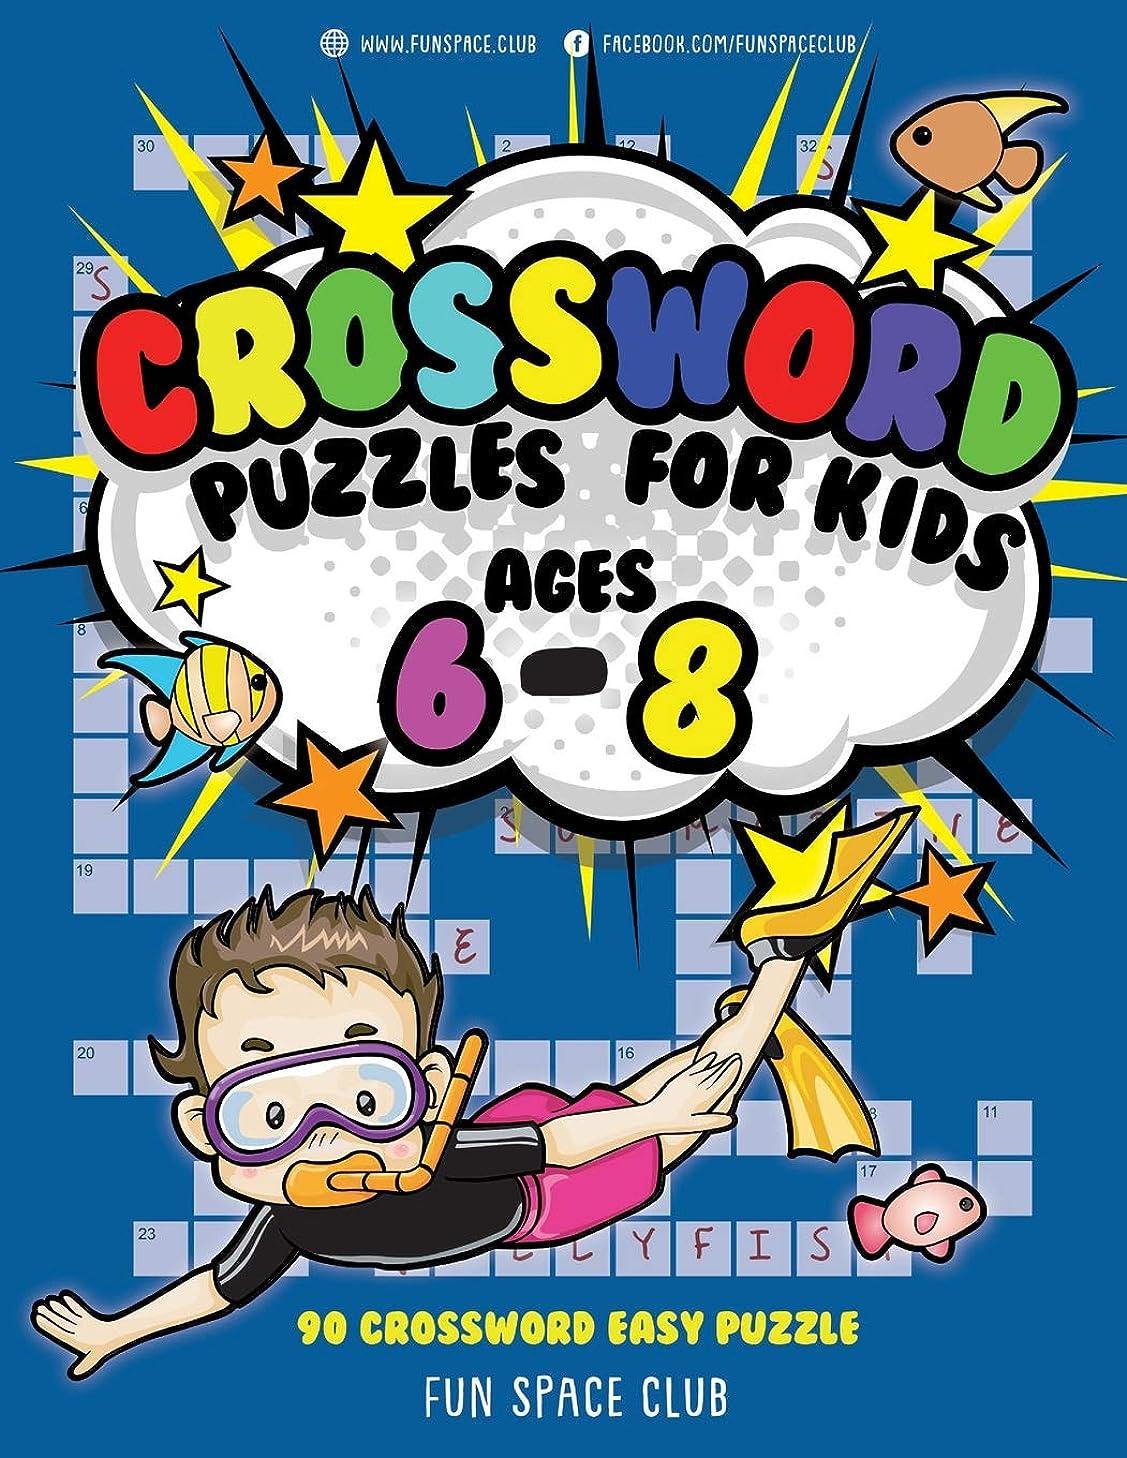 狐サロン浜辺Crossword Puzzles for Kids Ages 6 - 8: 90 Crossword Easy Puzzle Books (Crossword and Word Search Puzzle Books for Kids)